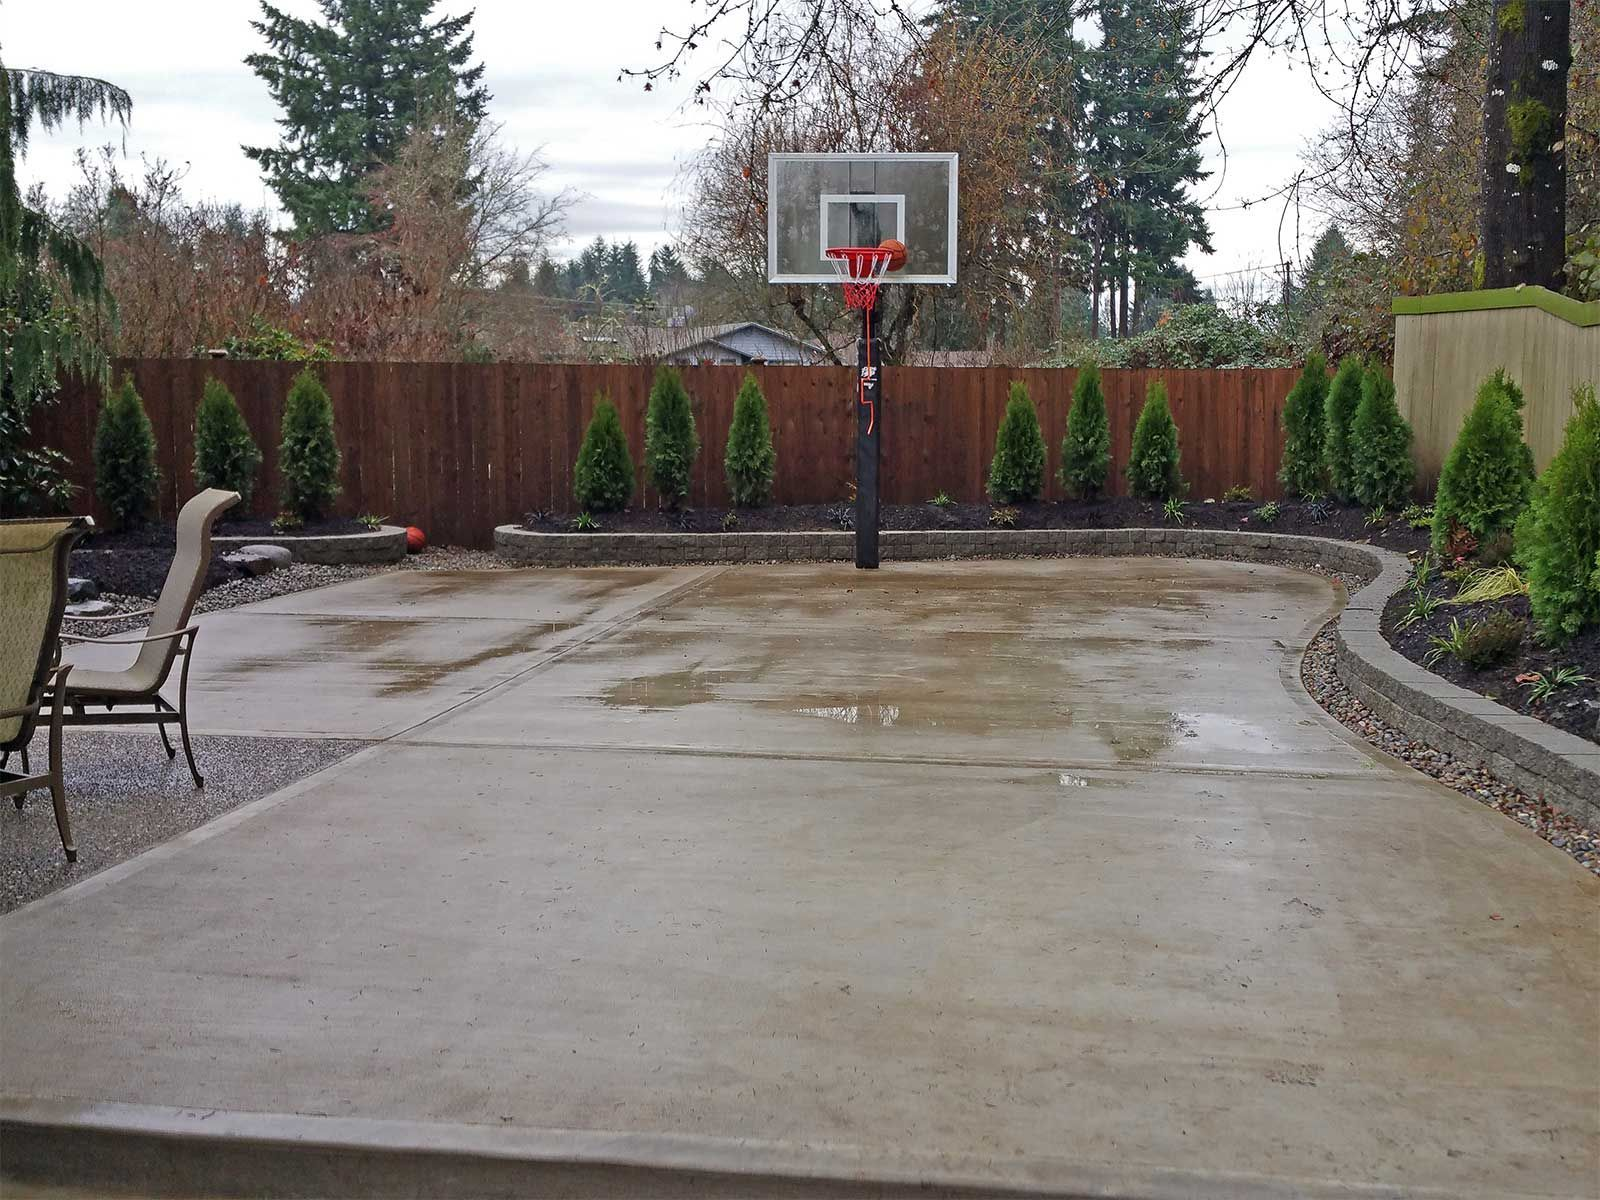 Cement Slab Backyard Ideas on brick ideas, clay slabs ideas, cement patio, patios ideas, cement slabs with color, sidewalks ideas,